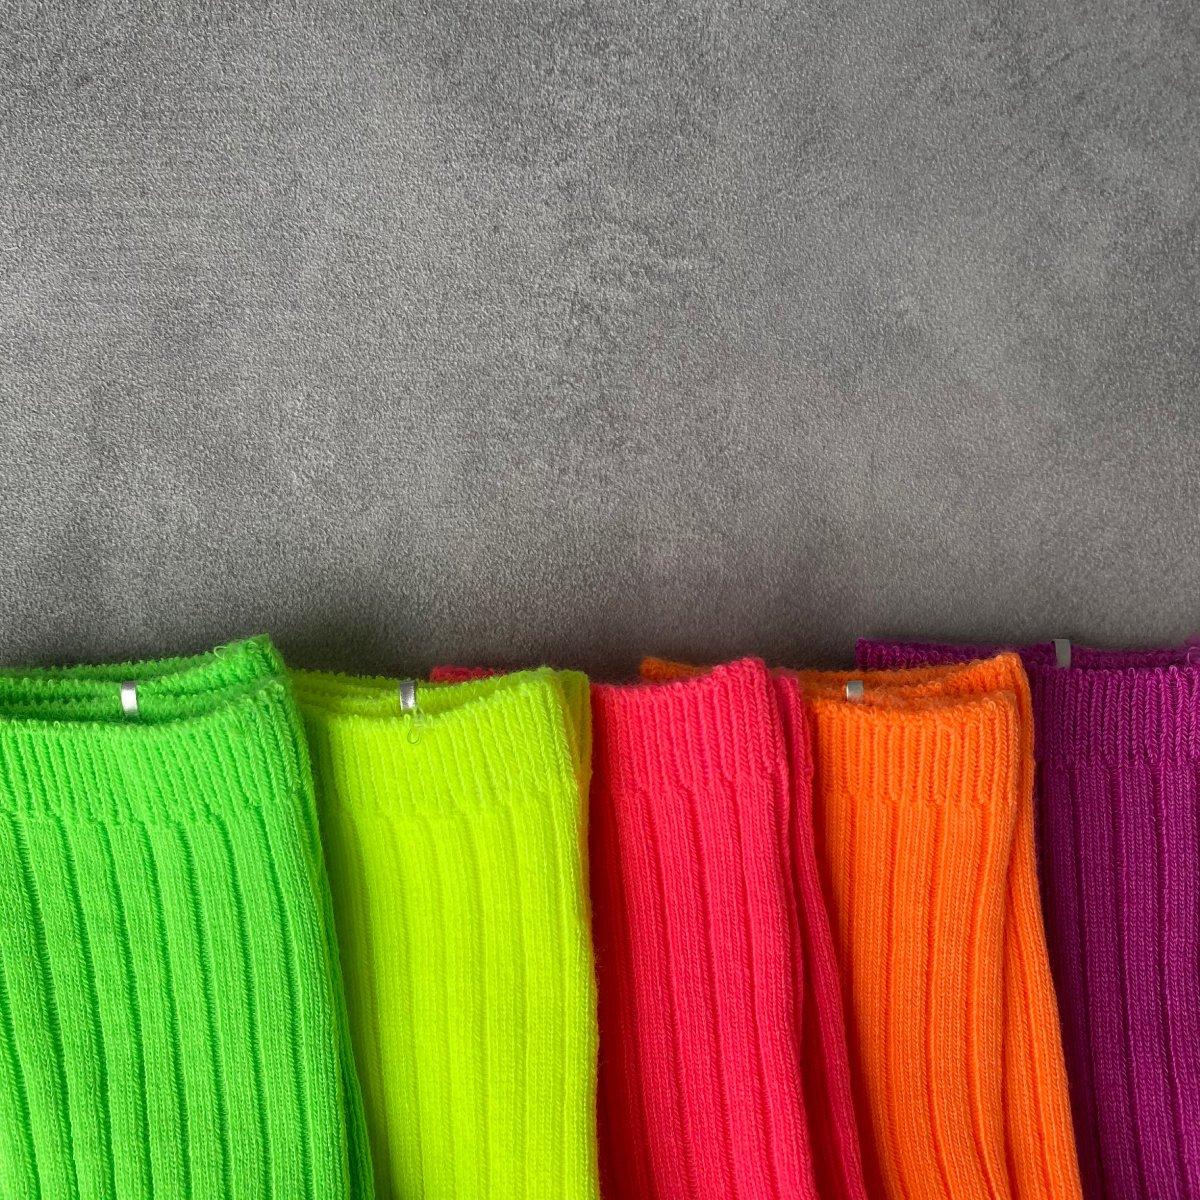 【KIDS】Neon Socks 詳細画像2